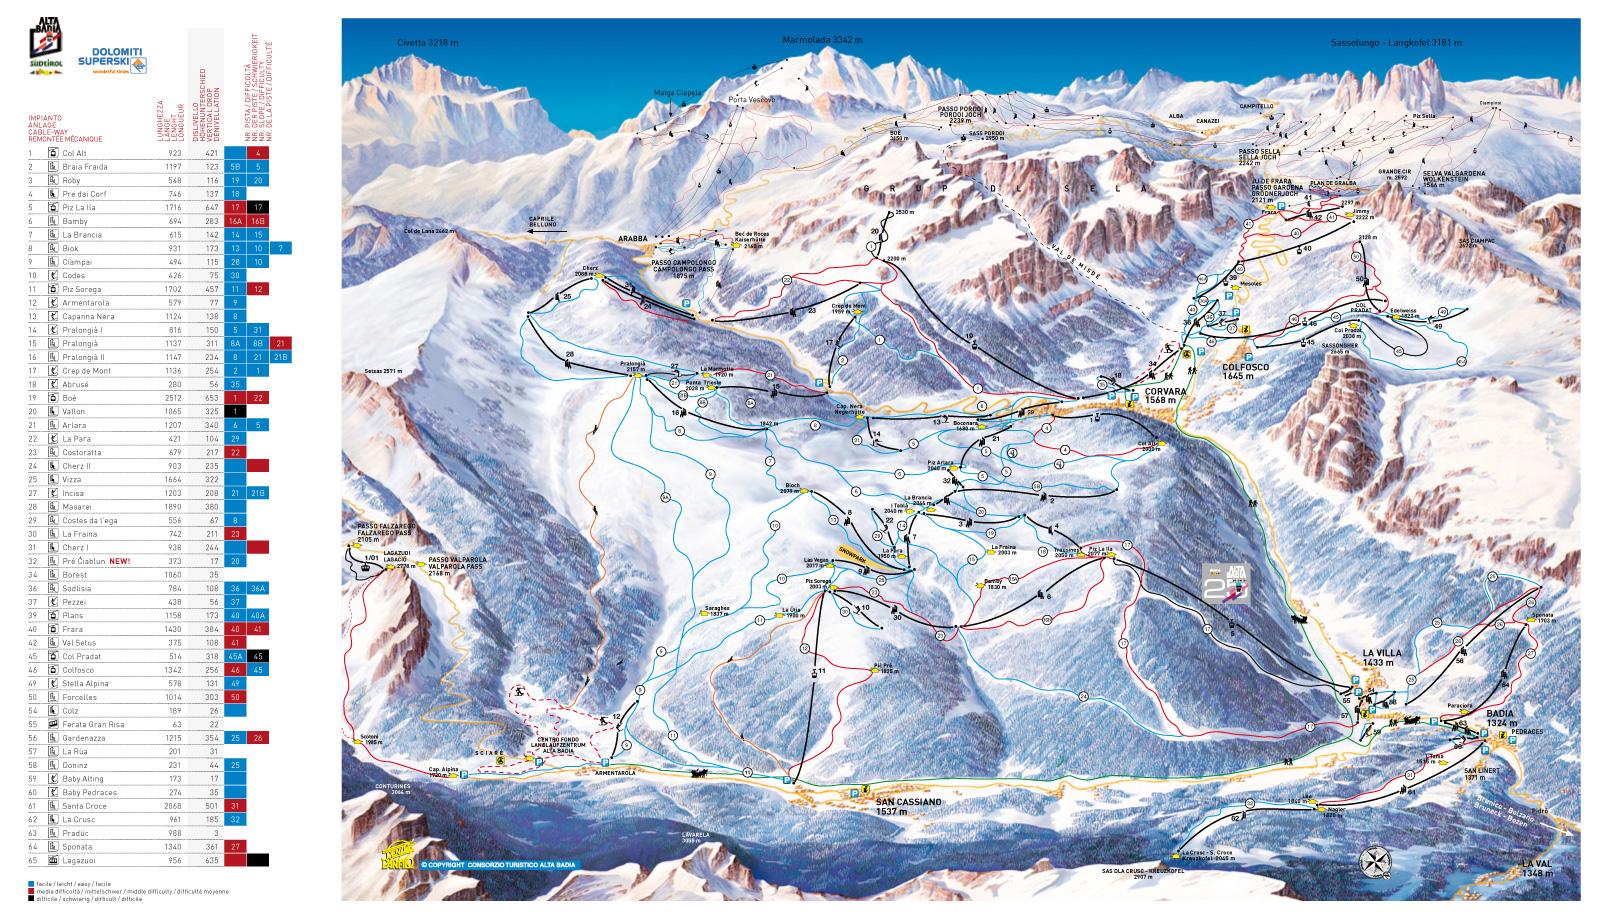 Arabba piste map